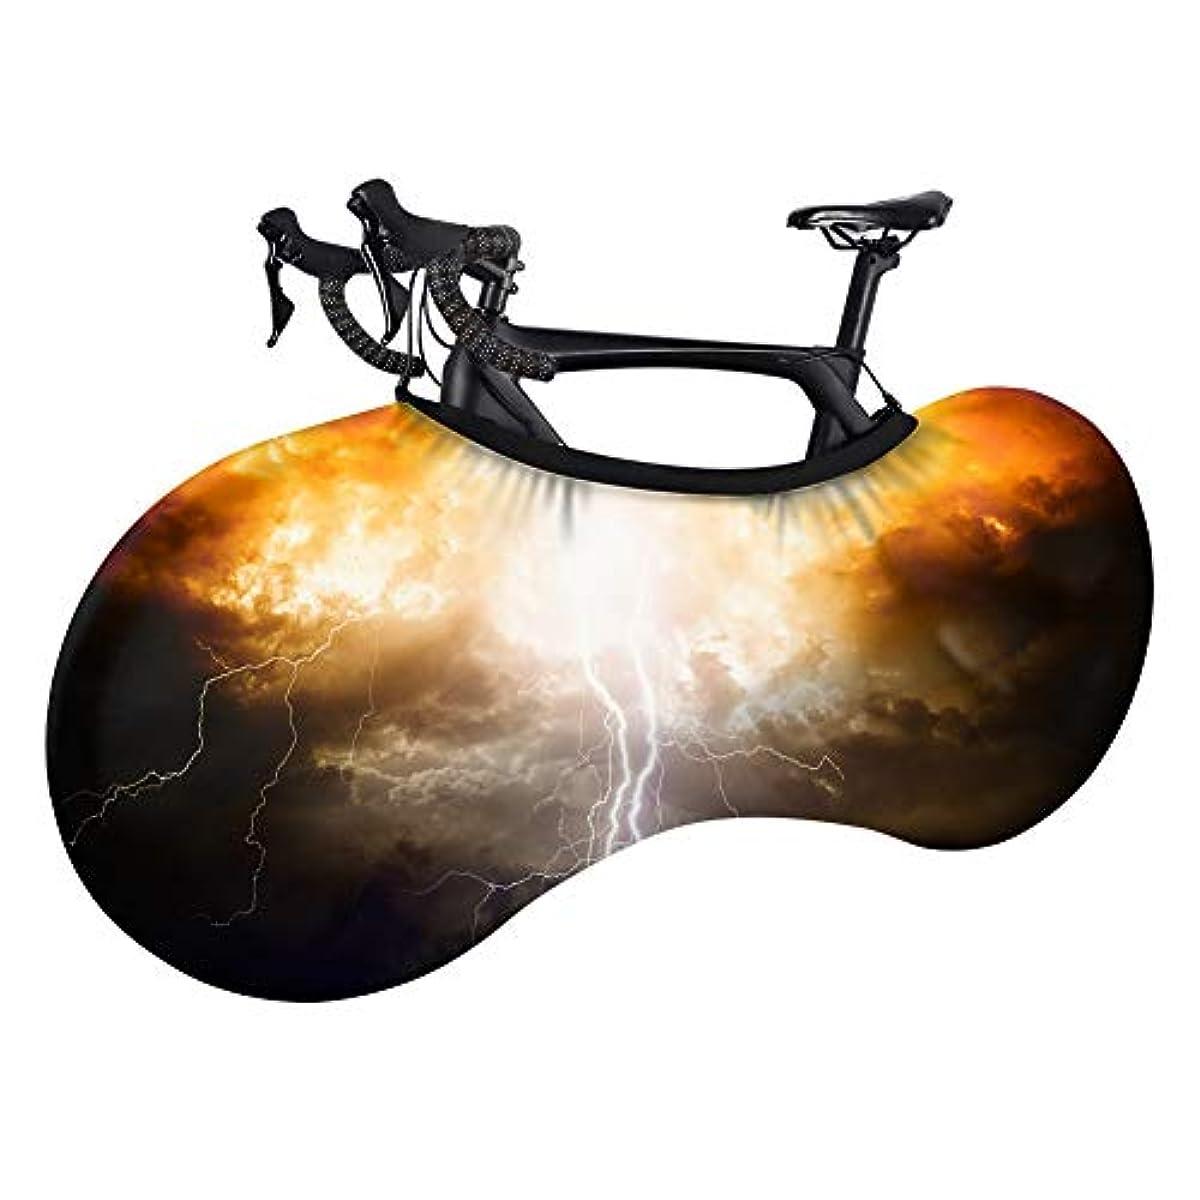 飾るレーニン主義顧問自転車カバー、防塵、アンチUVウォッシャブル弾性自転車、傷防止保護カバー、マウンテン自転車旅行保護カバー